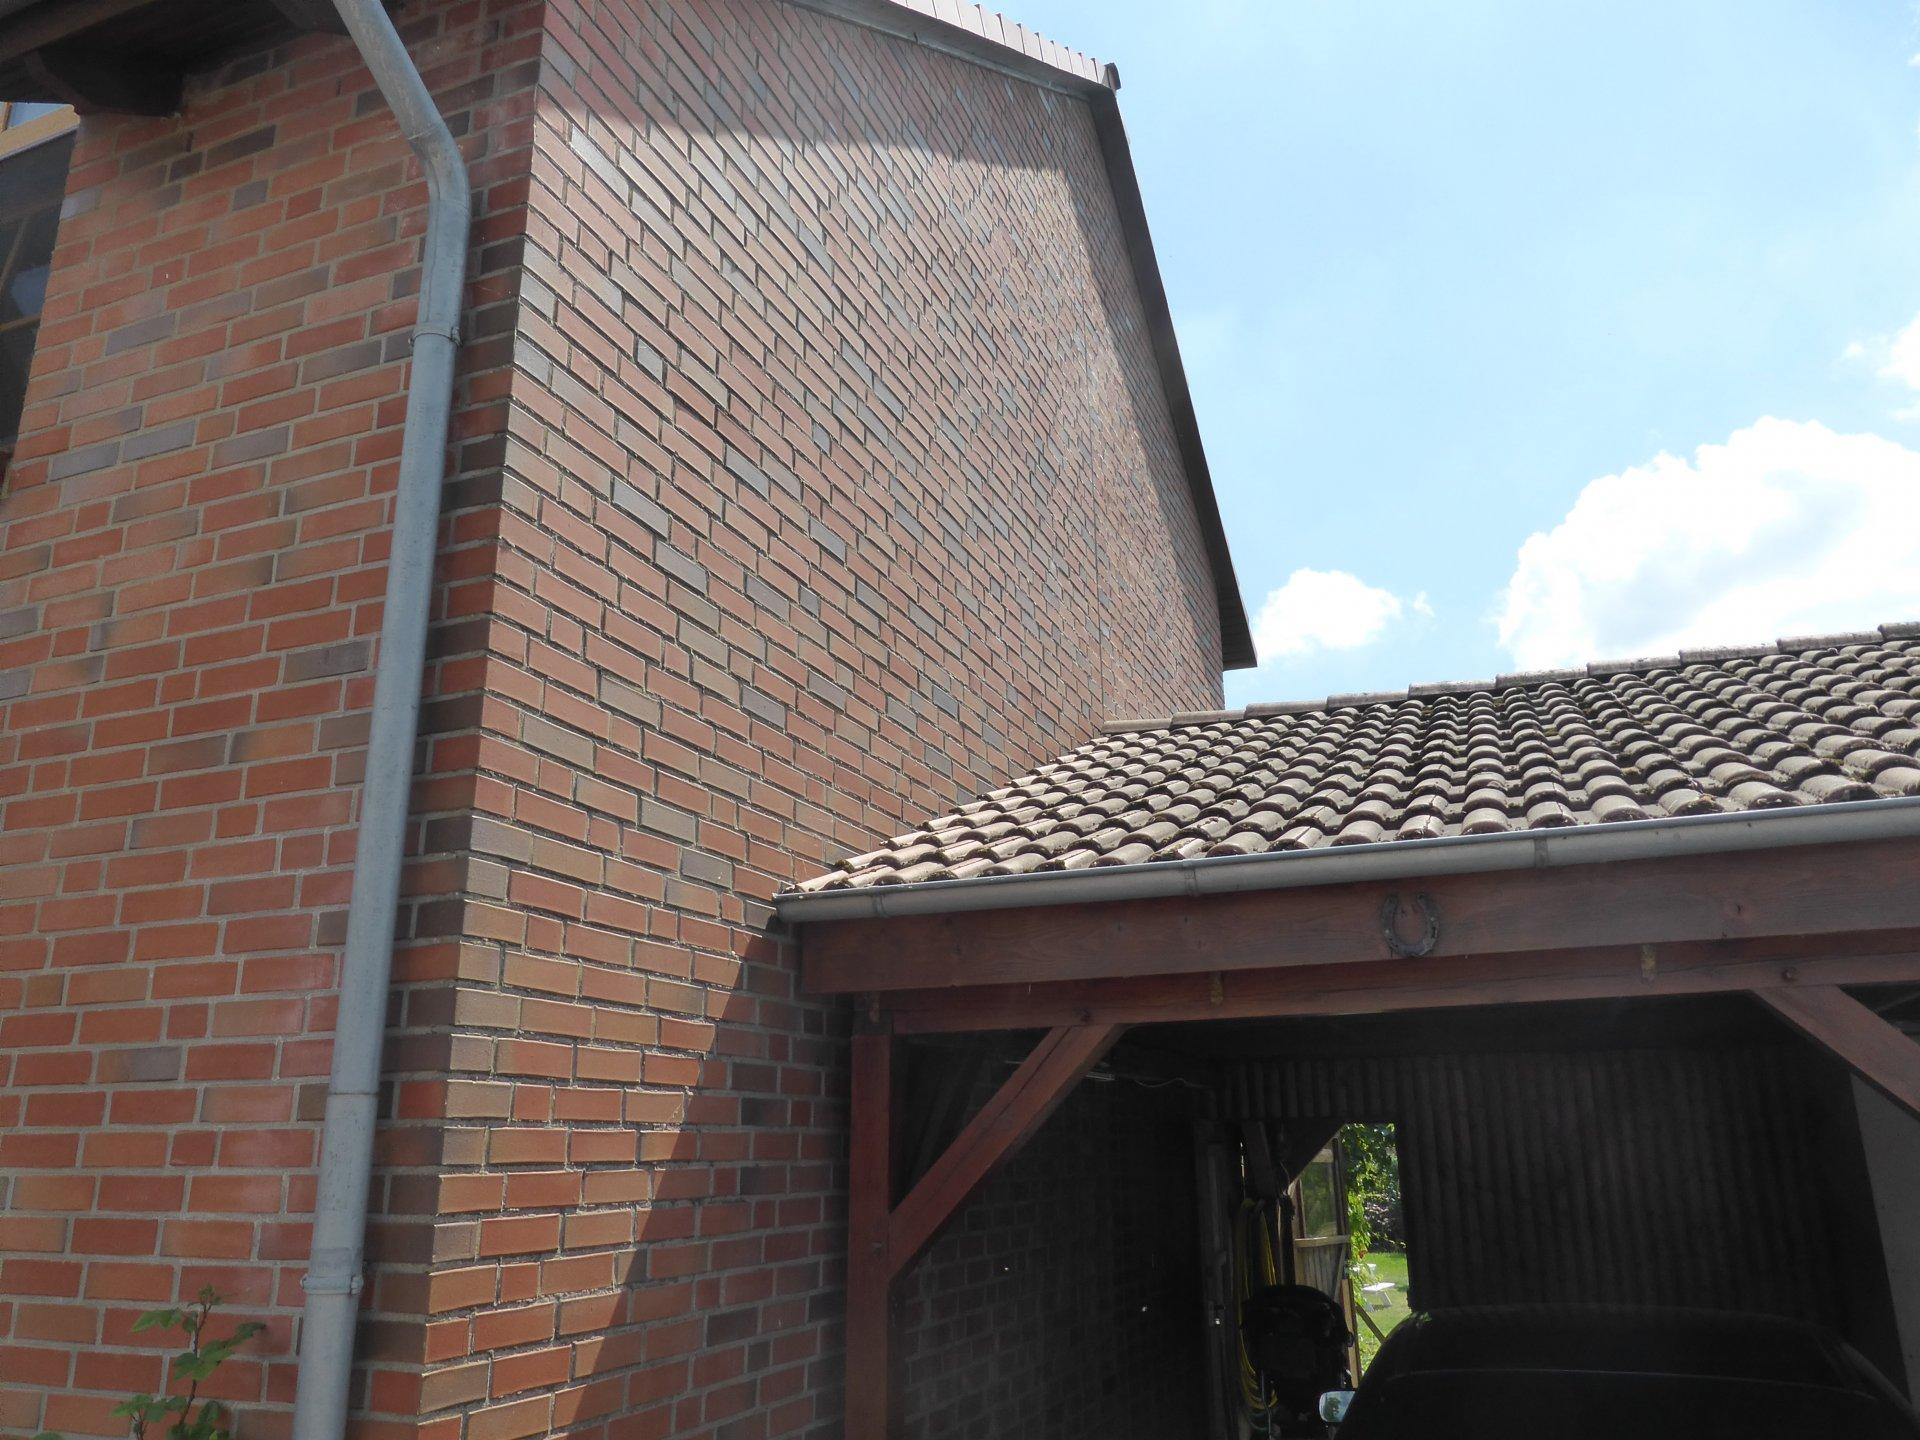 Carportdach An Hausfassade Abdichten